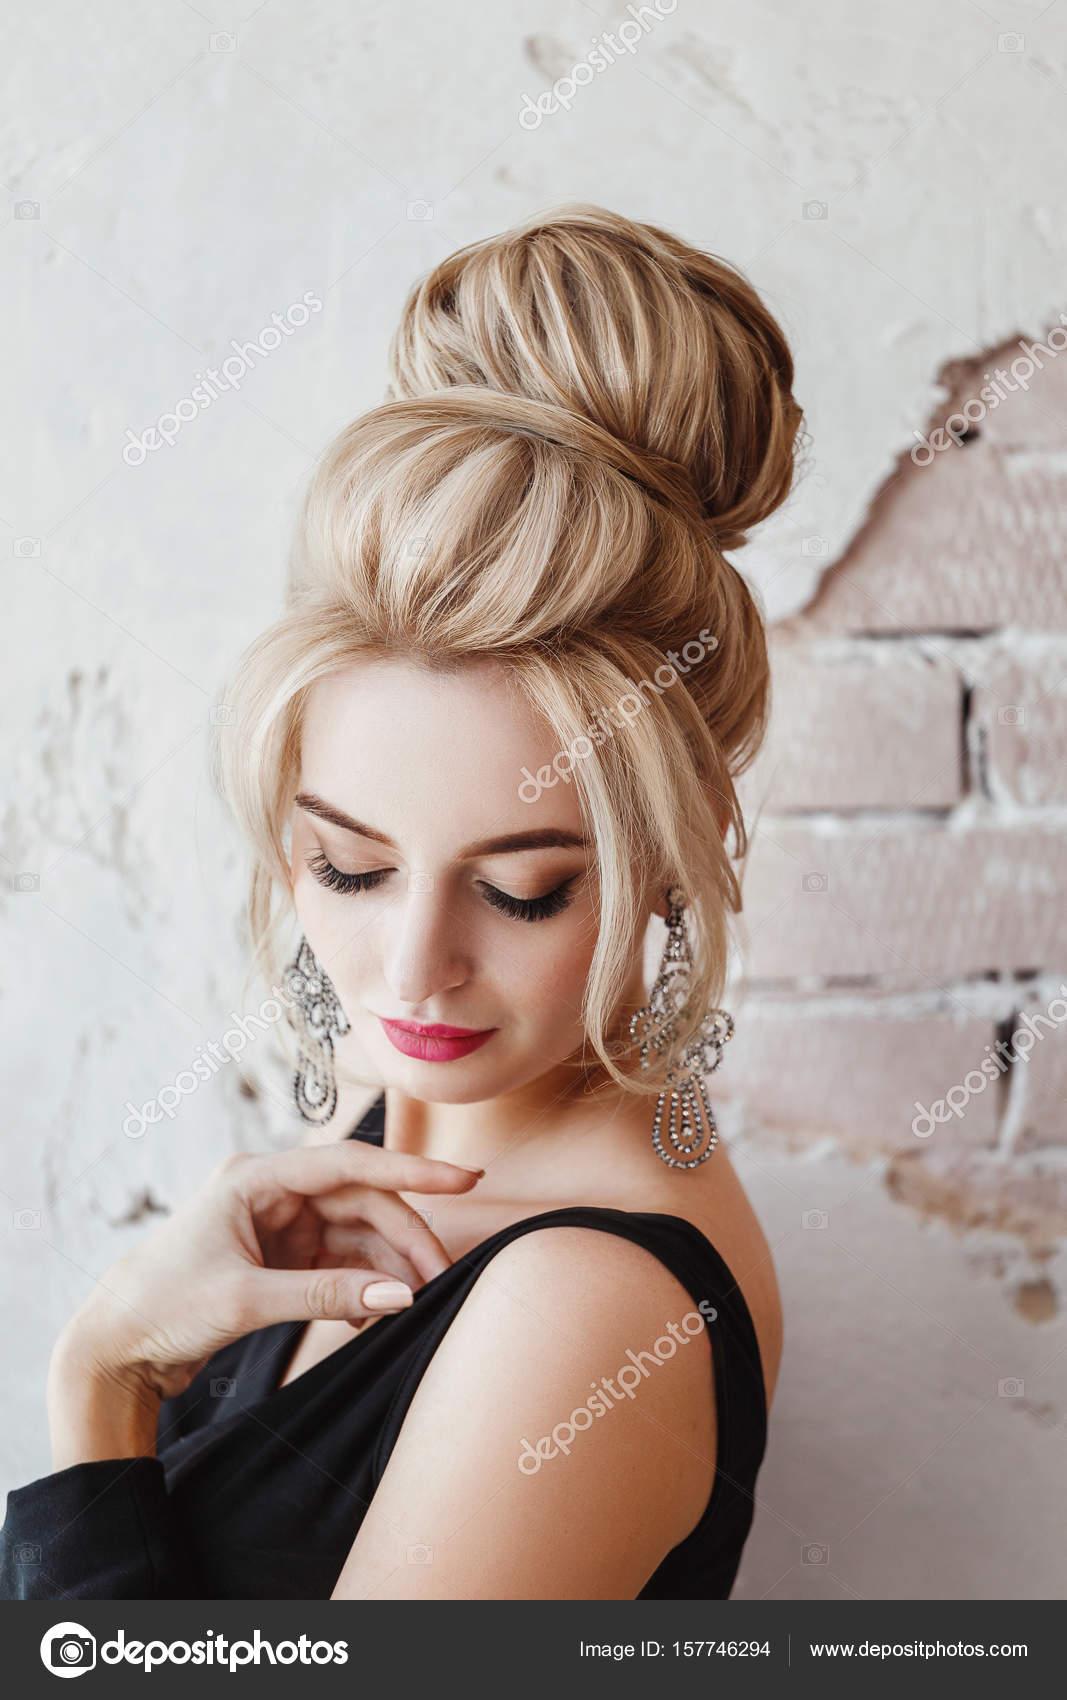 Europaische Business Frau Mit Blonden Frisur In Jacke Mit Ohrringen